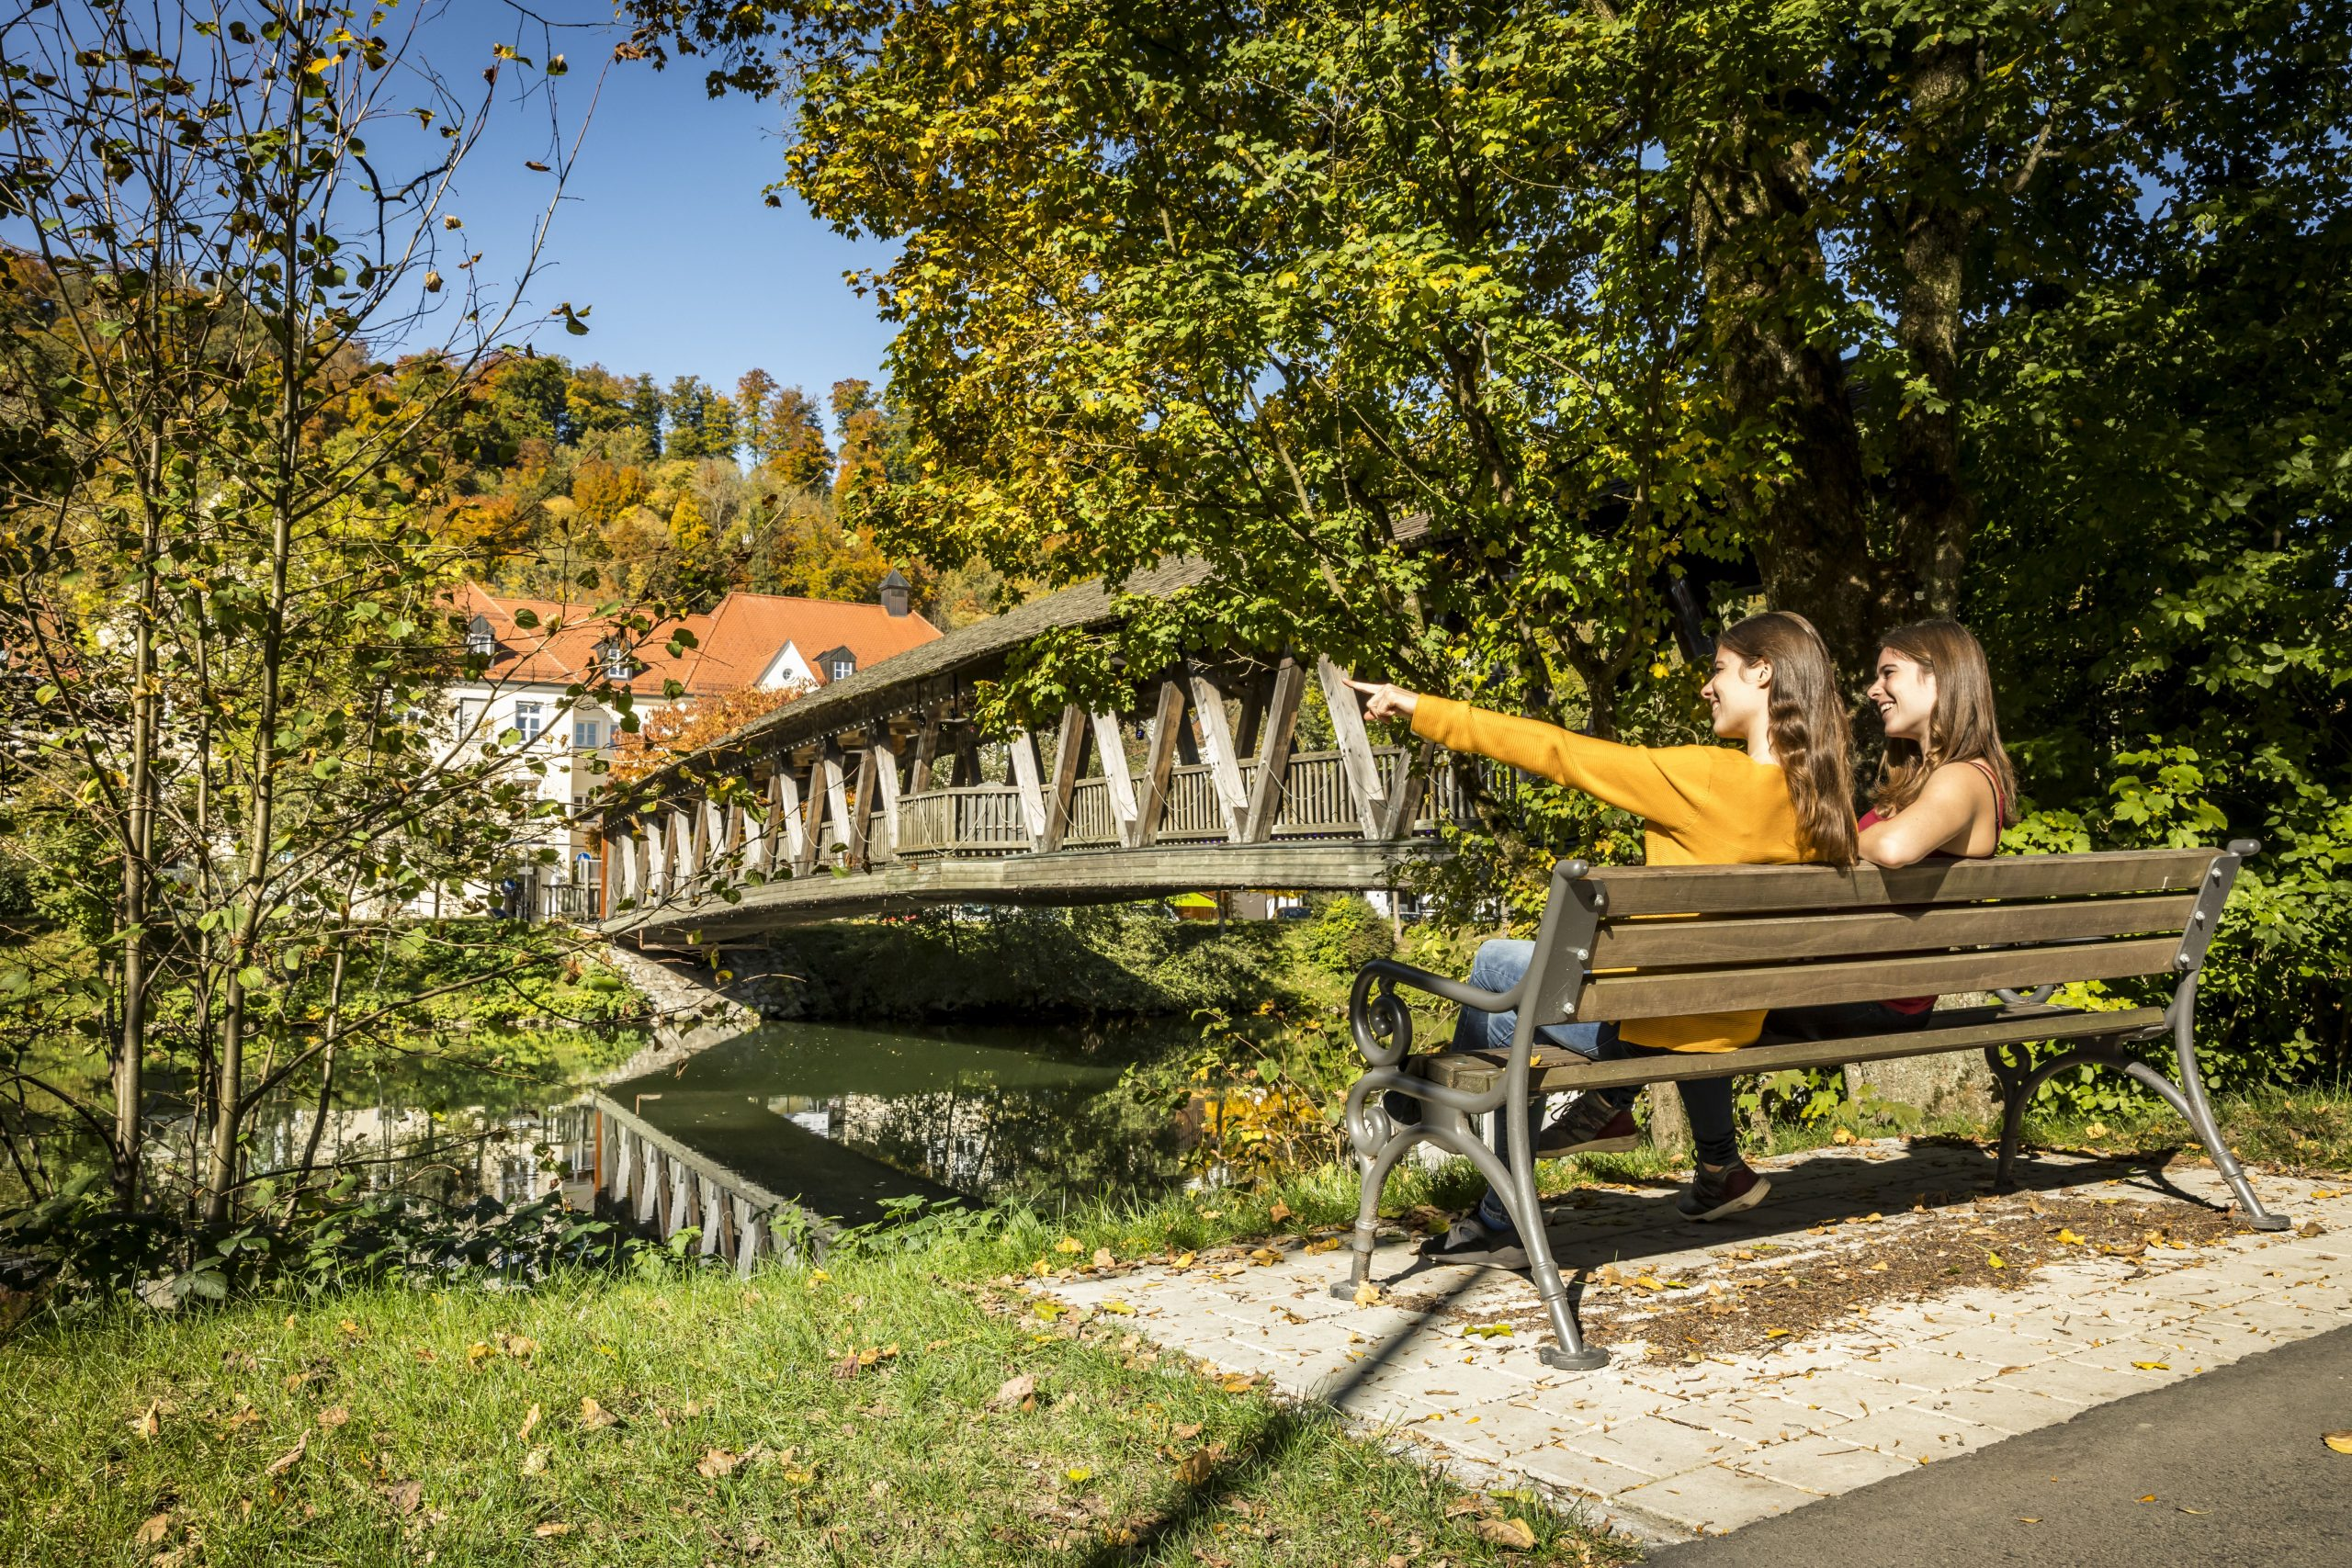 Holzbrücke über Fluss und zwei Personen